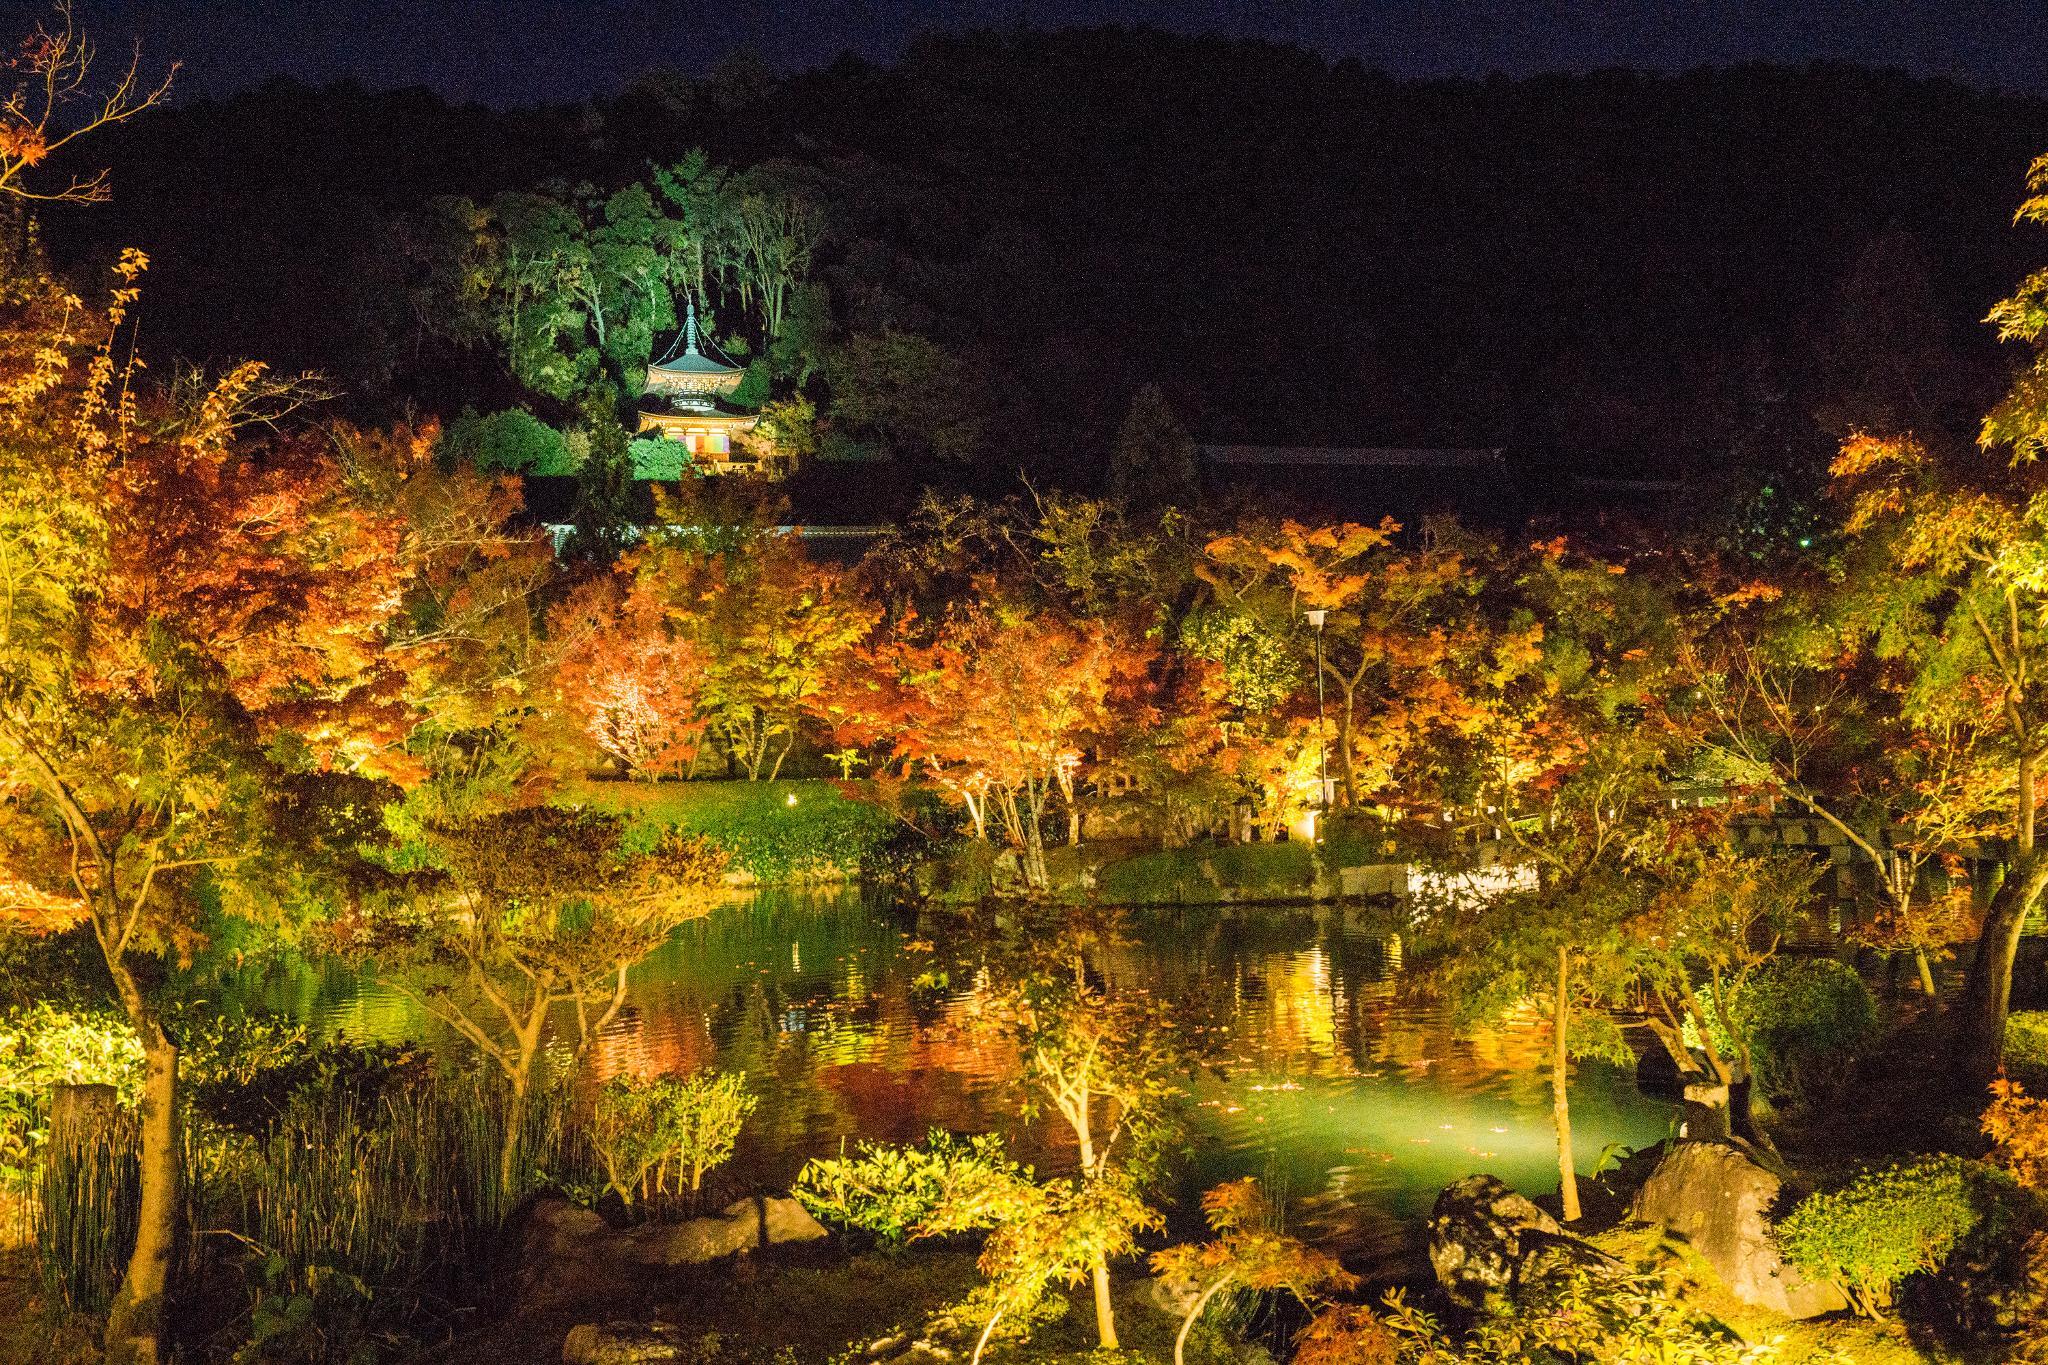 【京都】此生必來的紅葉狩絕景 - 永觀堂夜楓 111